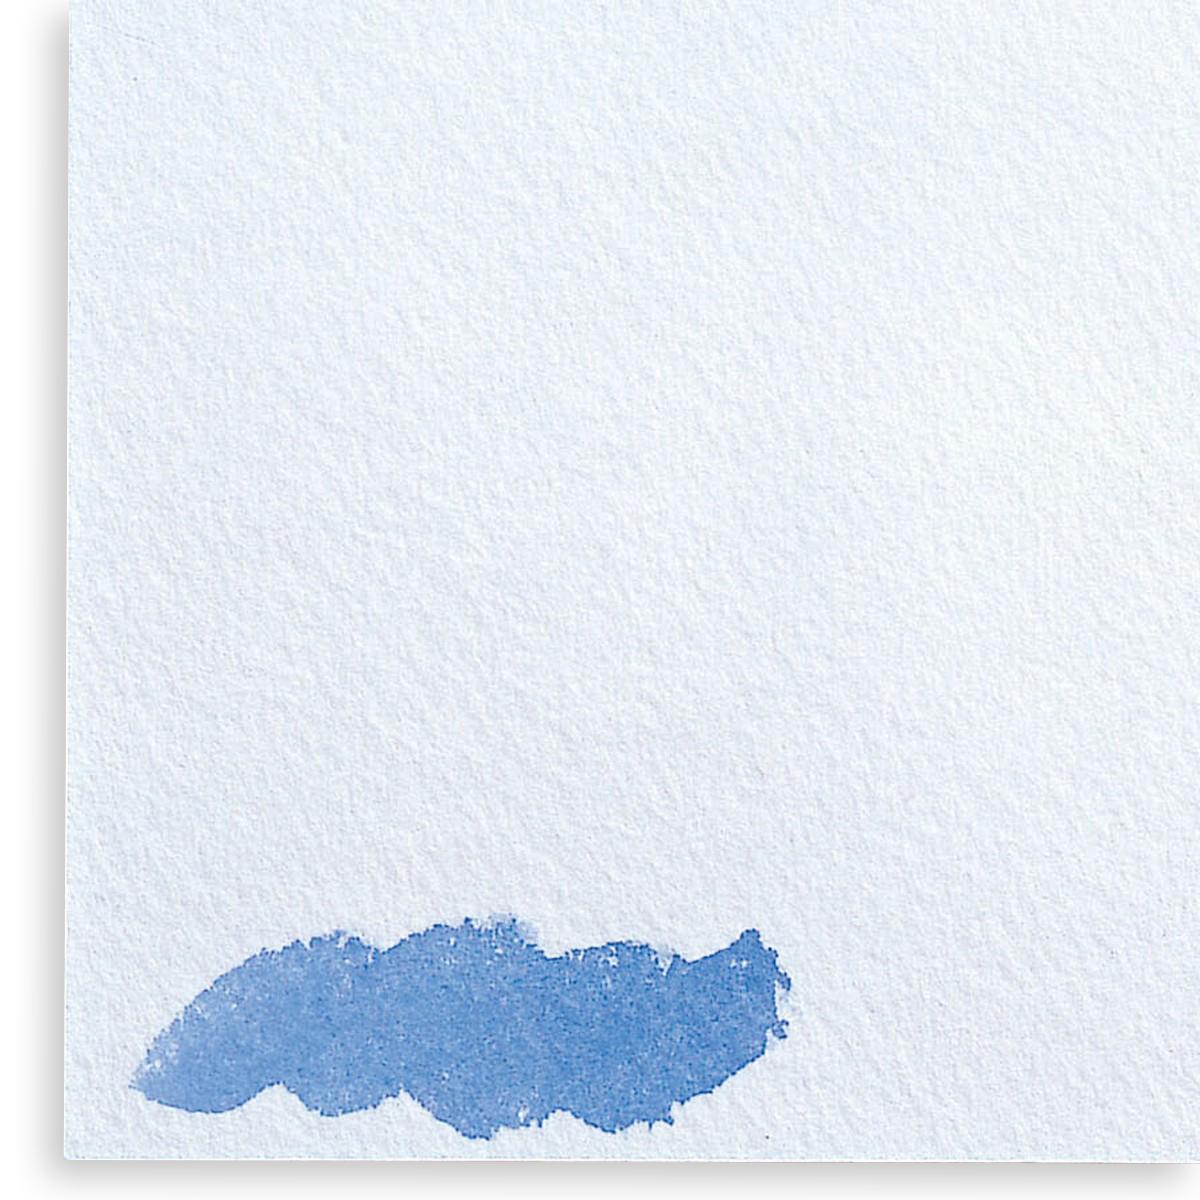 ホワイトワトソン紙ボード HWS 片面 白 B4 1枚 【 イラストボード ボード 紙 描画用紙 】